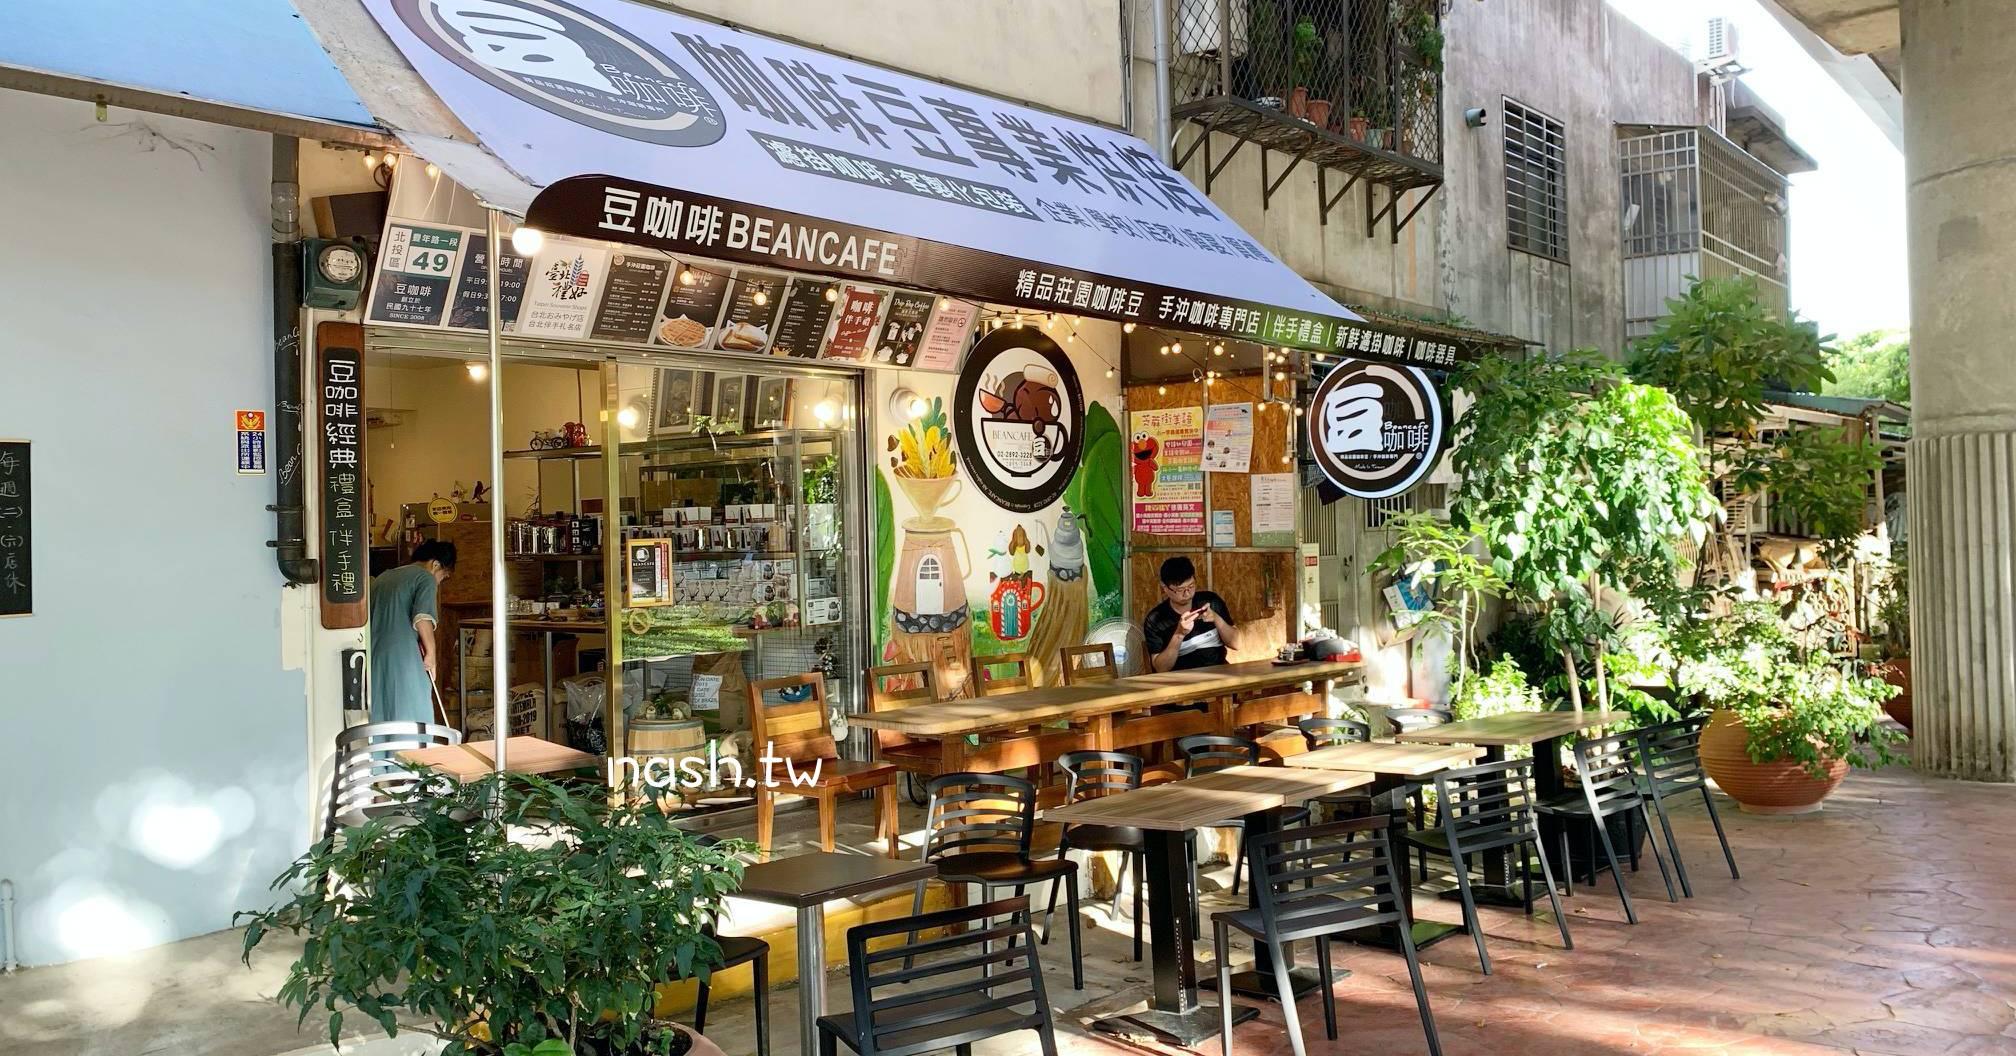 豆咖啡|北投咖啡推薦-隱藏在北投捷運旁的手沖咖啡專門店 (菜單)